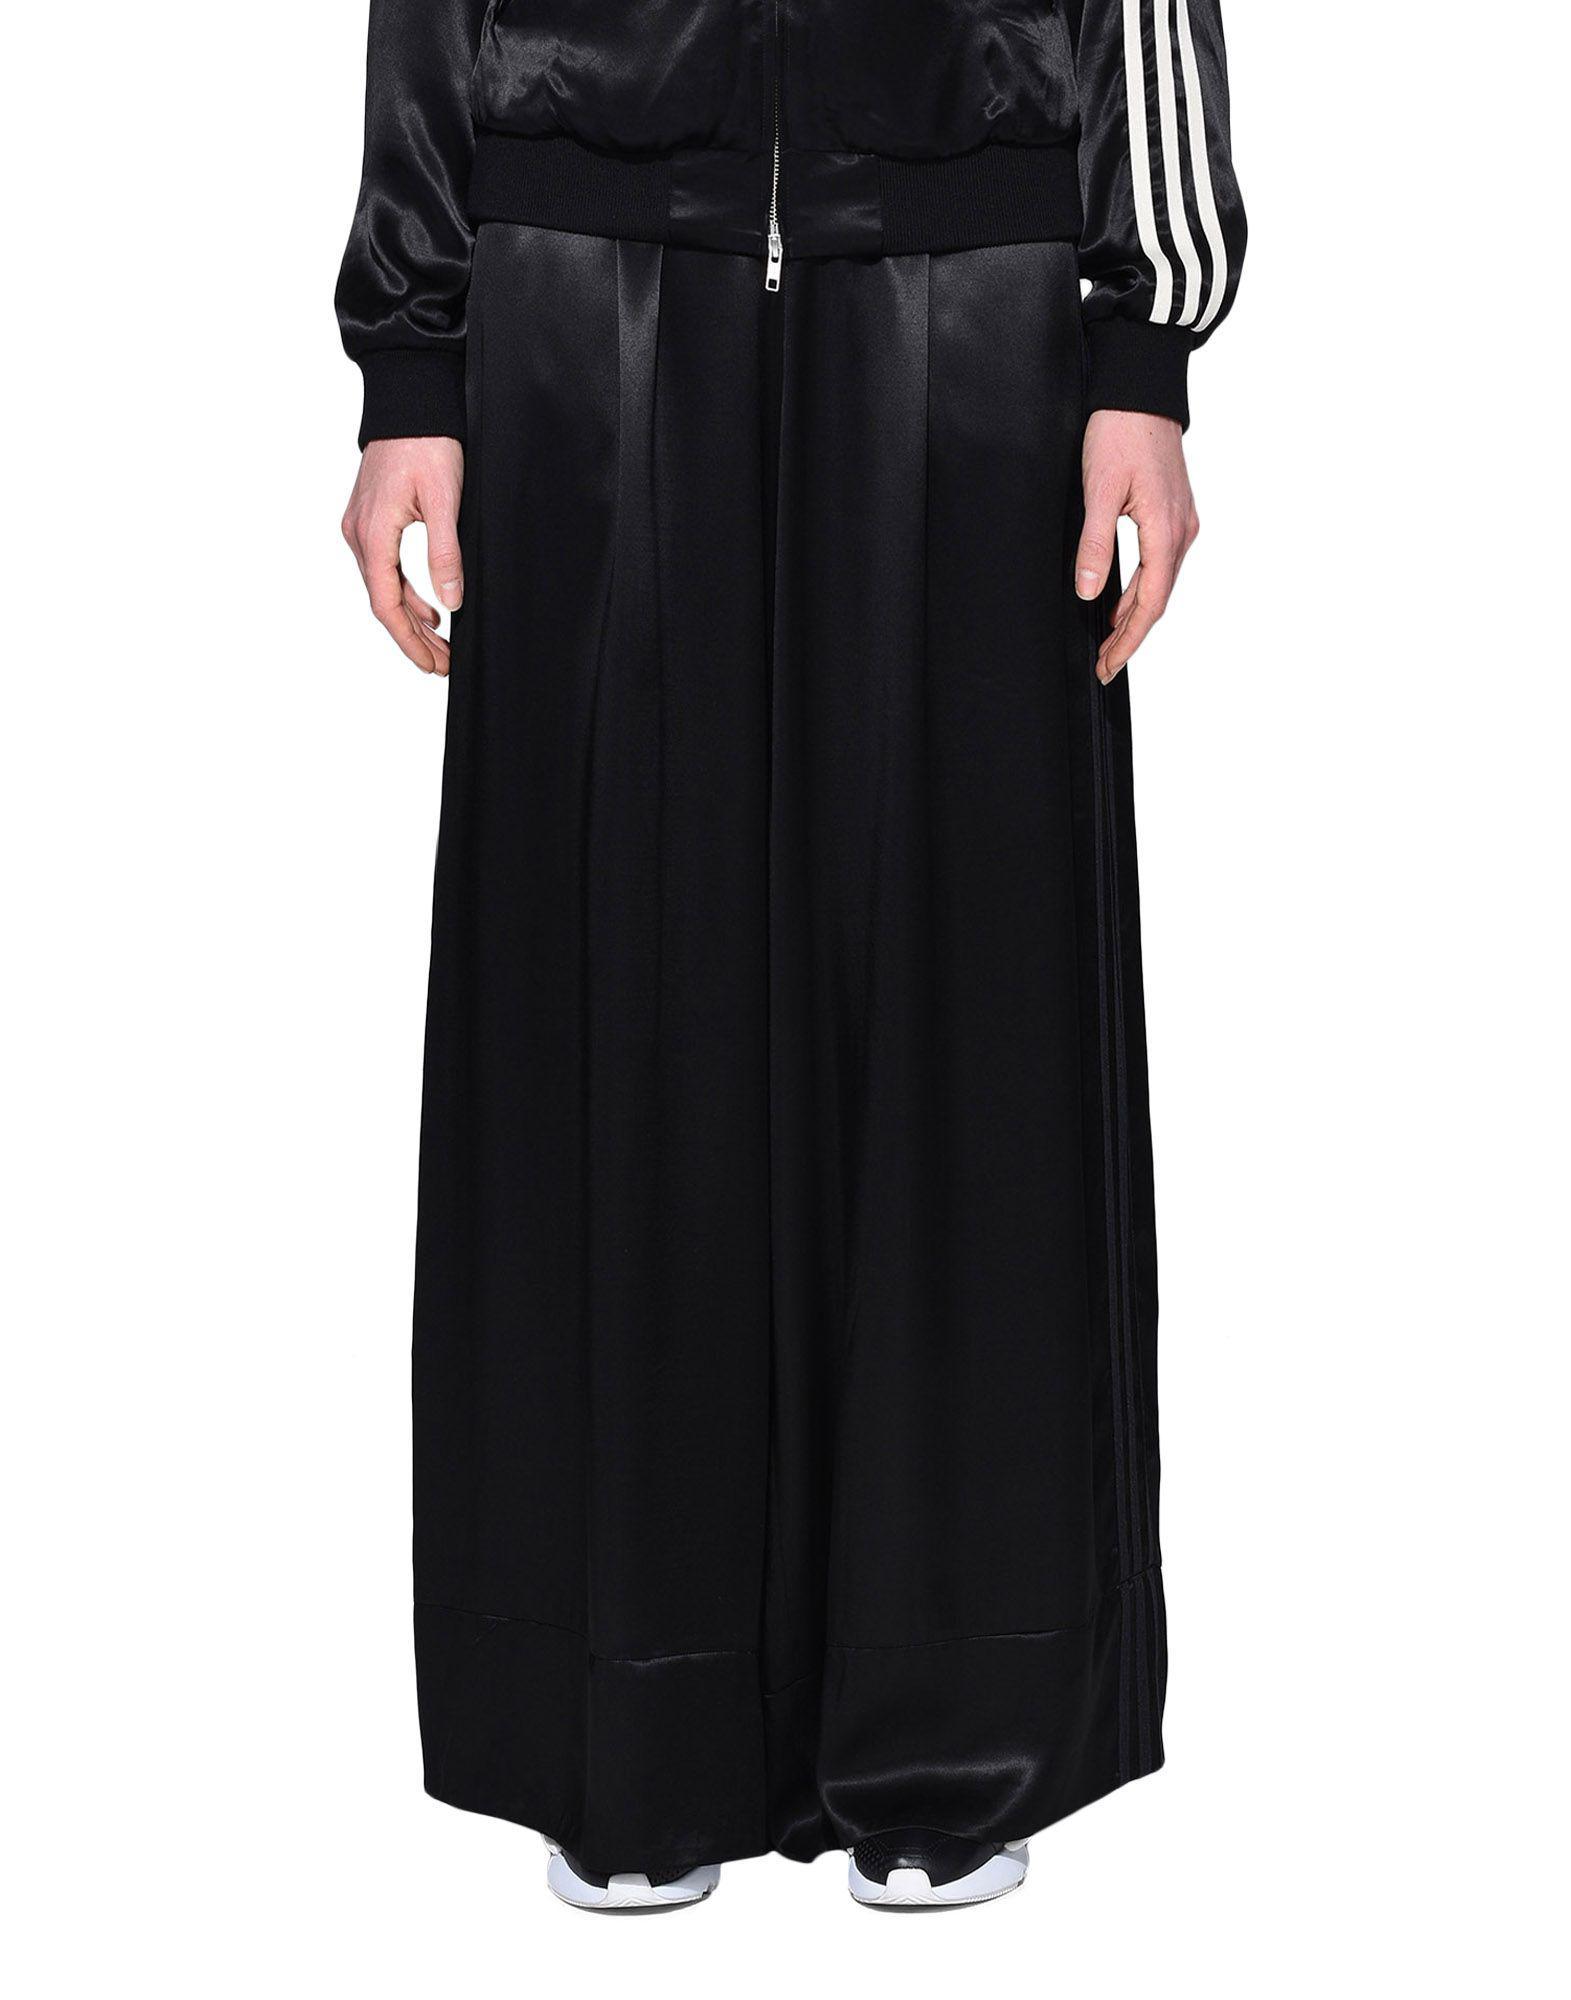 7c18bae9604c2 Y-3 3-stripes Lux Wide Track Pants in Black - Lyst